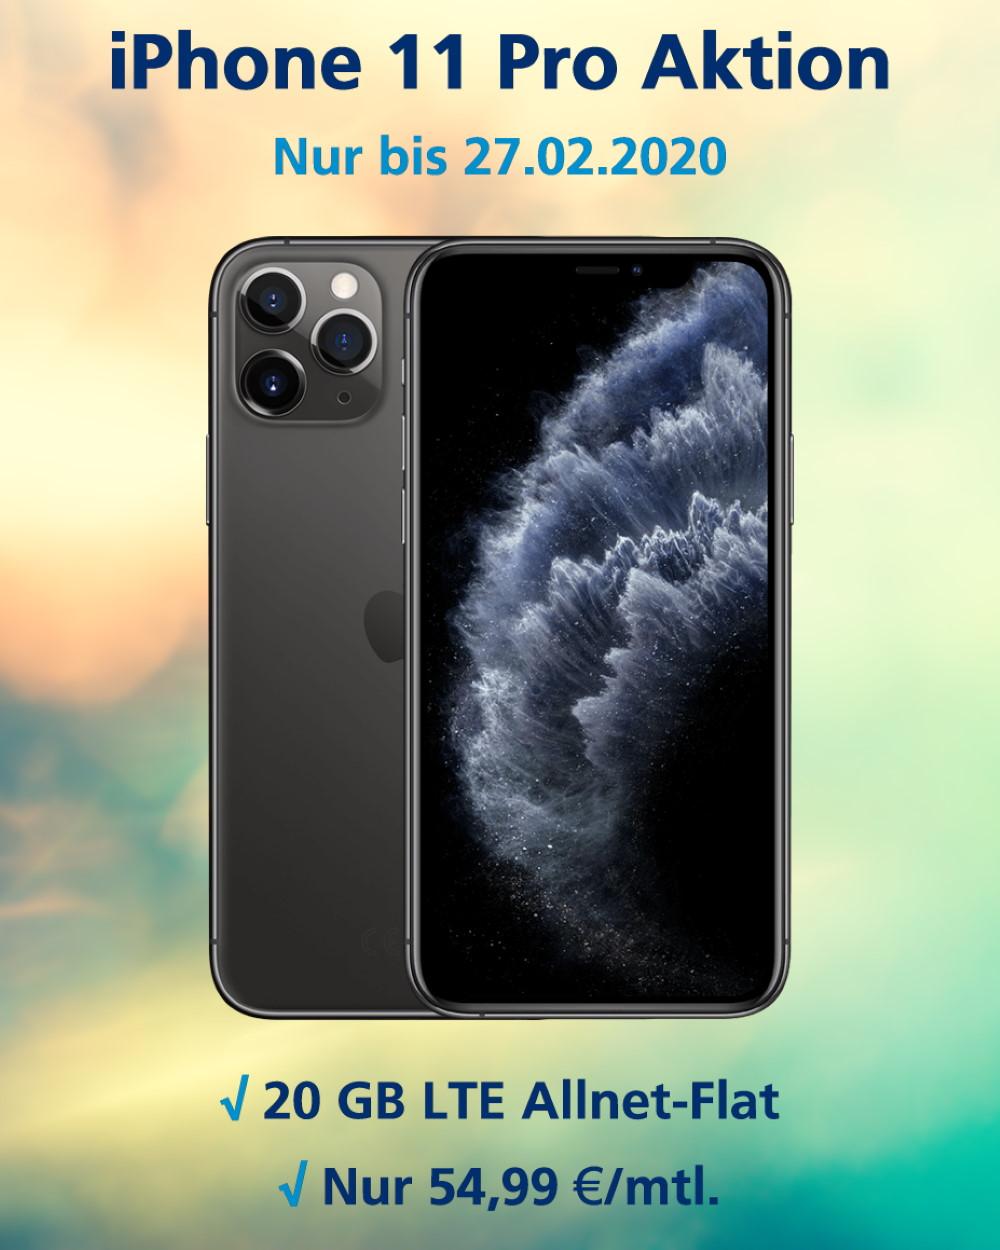 iPhone 11 Pro mit 20 GB LTE Allnet-Flat Handy Tarifvergleich